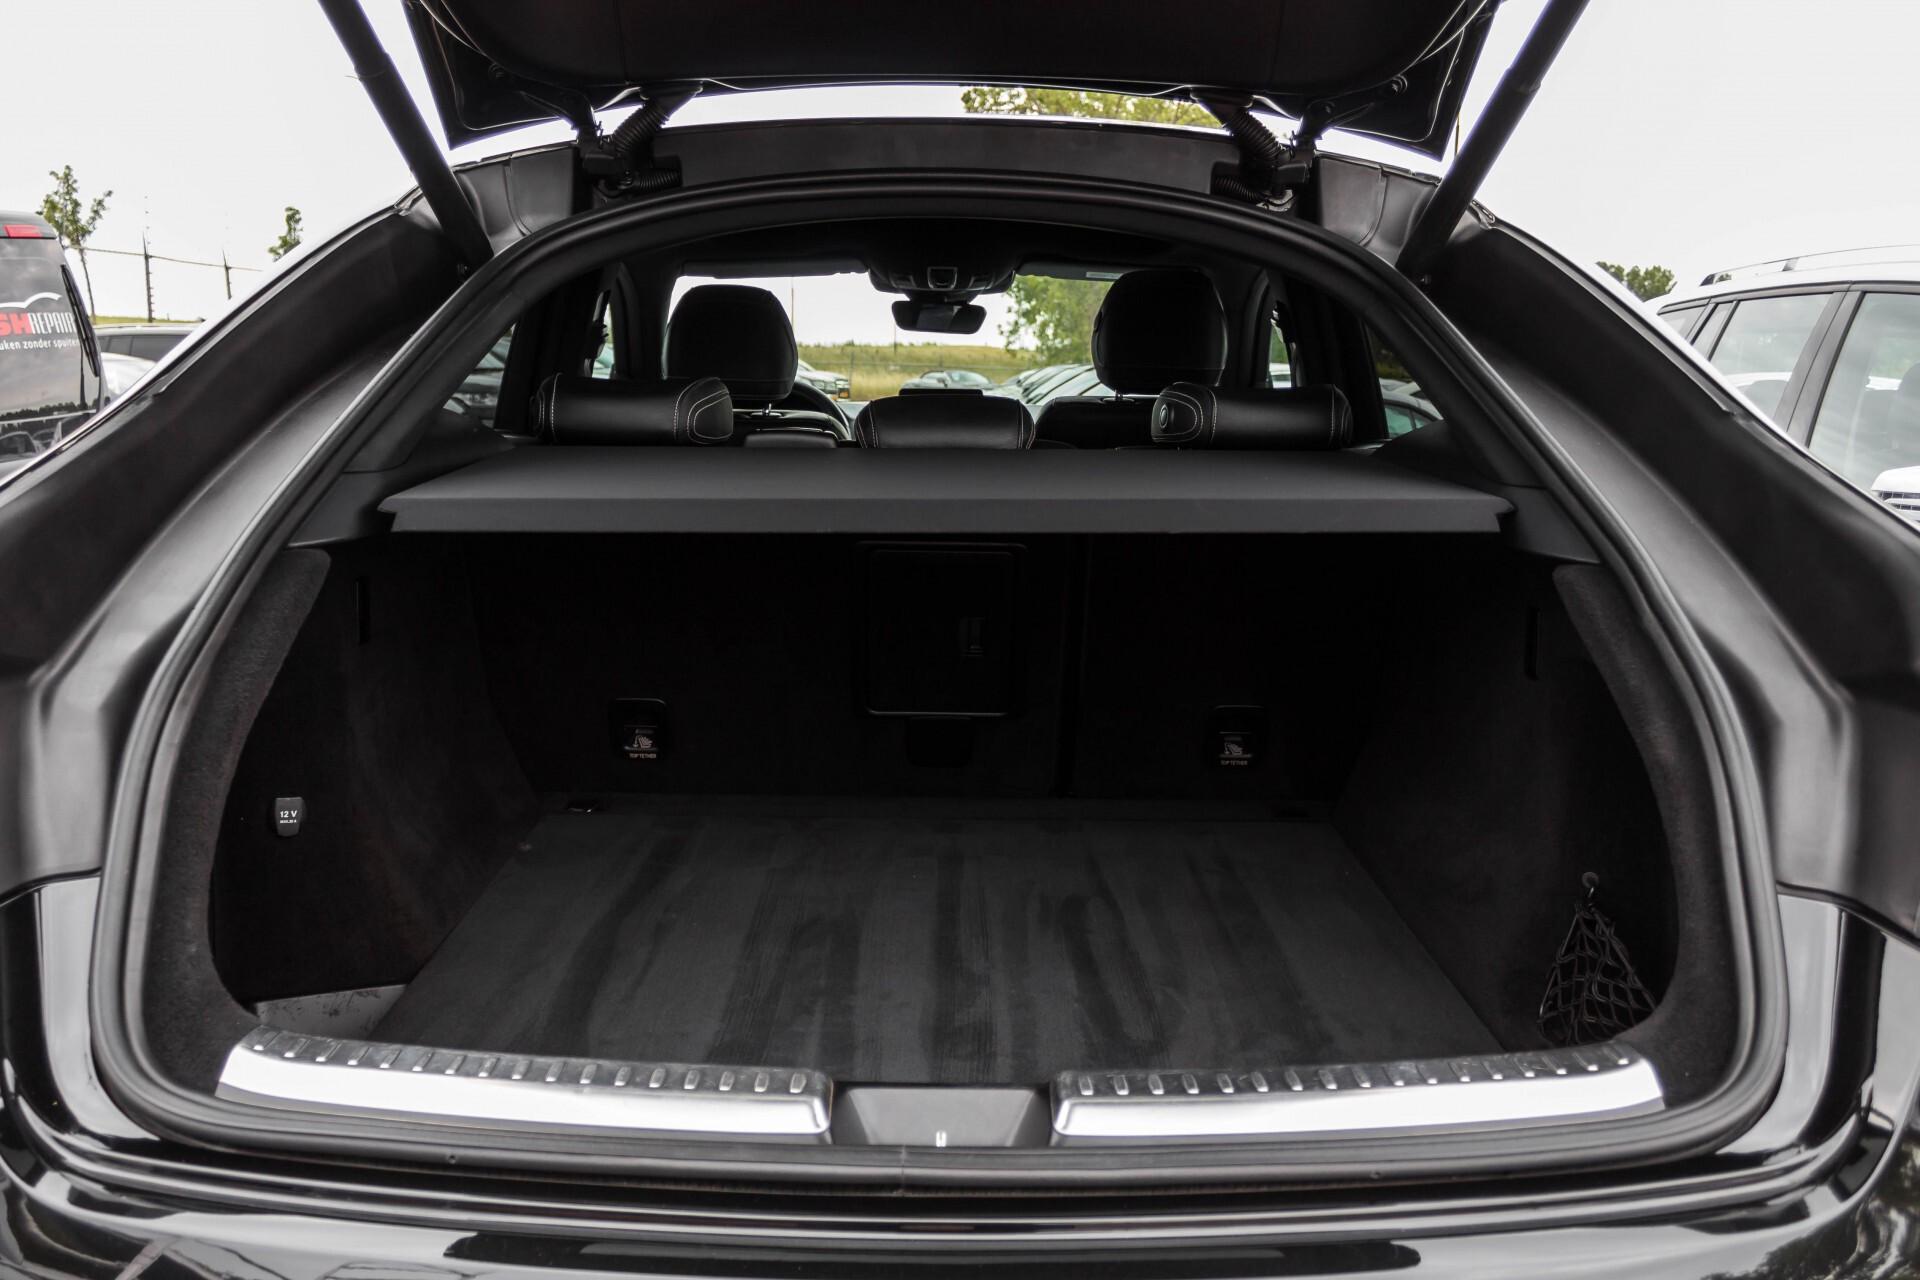 Mercedes-Benz GLE Coupé 350 d 4-M AMG Luchtvering/Distronic/Panorama/Mem/Trekhaak Aut9 Foto 65